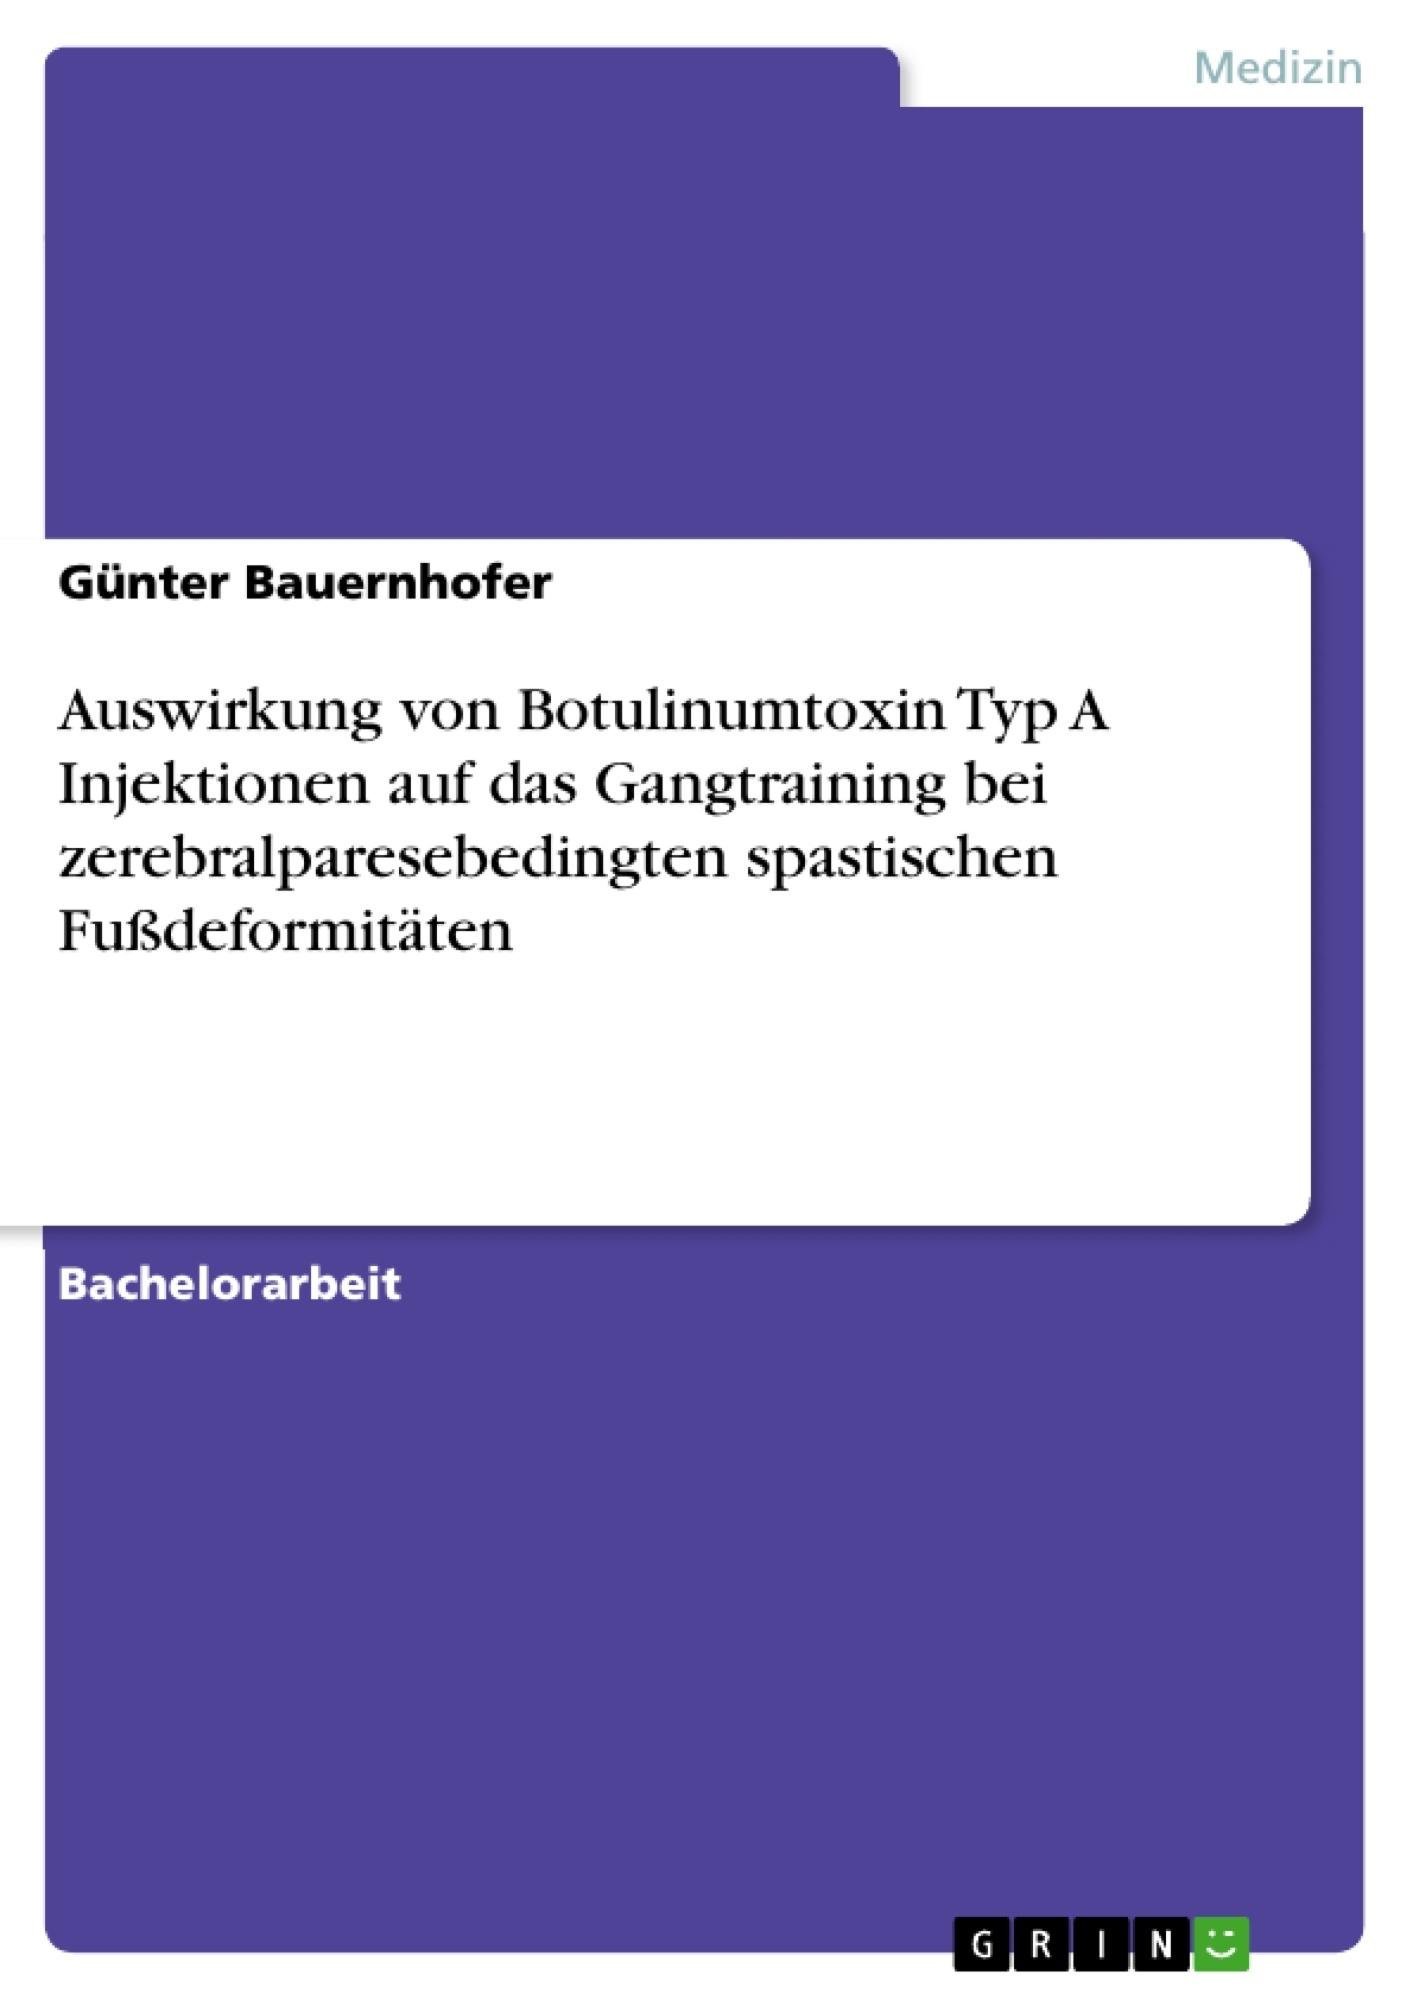 Titel: Auswirkung von Botulinumtoxin Typ A Injektionen auf das Gangtraining bei zerebralparesebedingten spastischen Fußdeformitäten